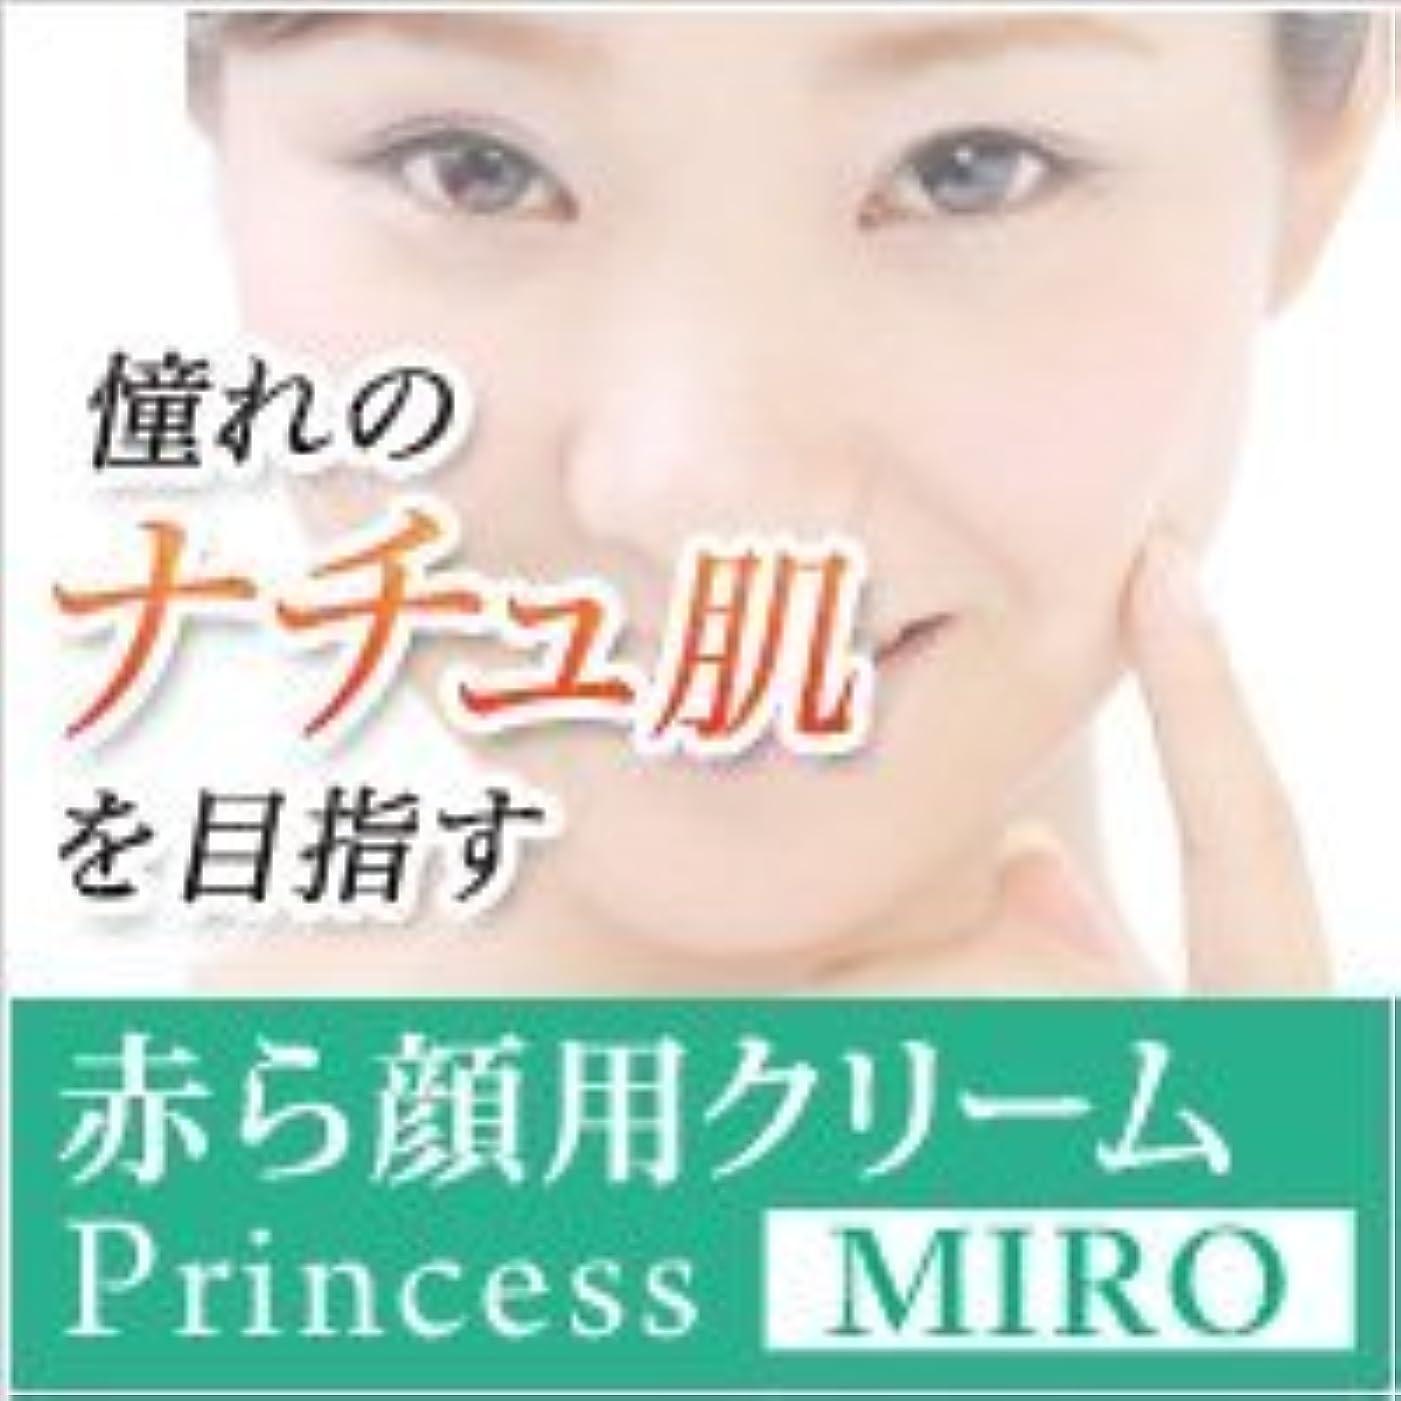 種をまく九フレキシブルPrincess MIRO 赤ら顔用クリーム (2個)